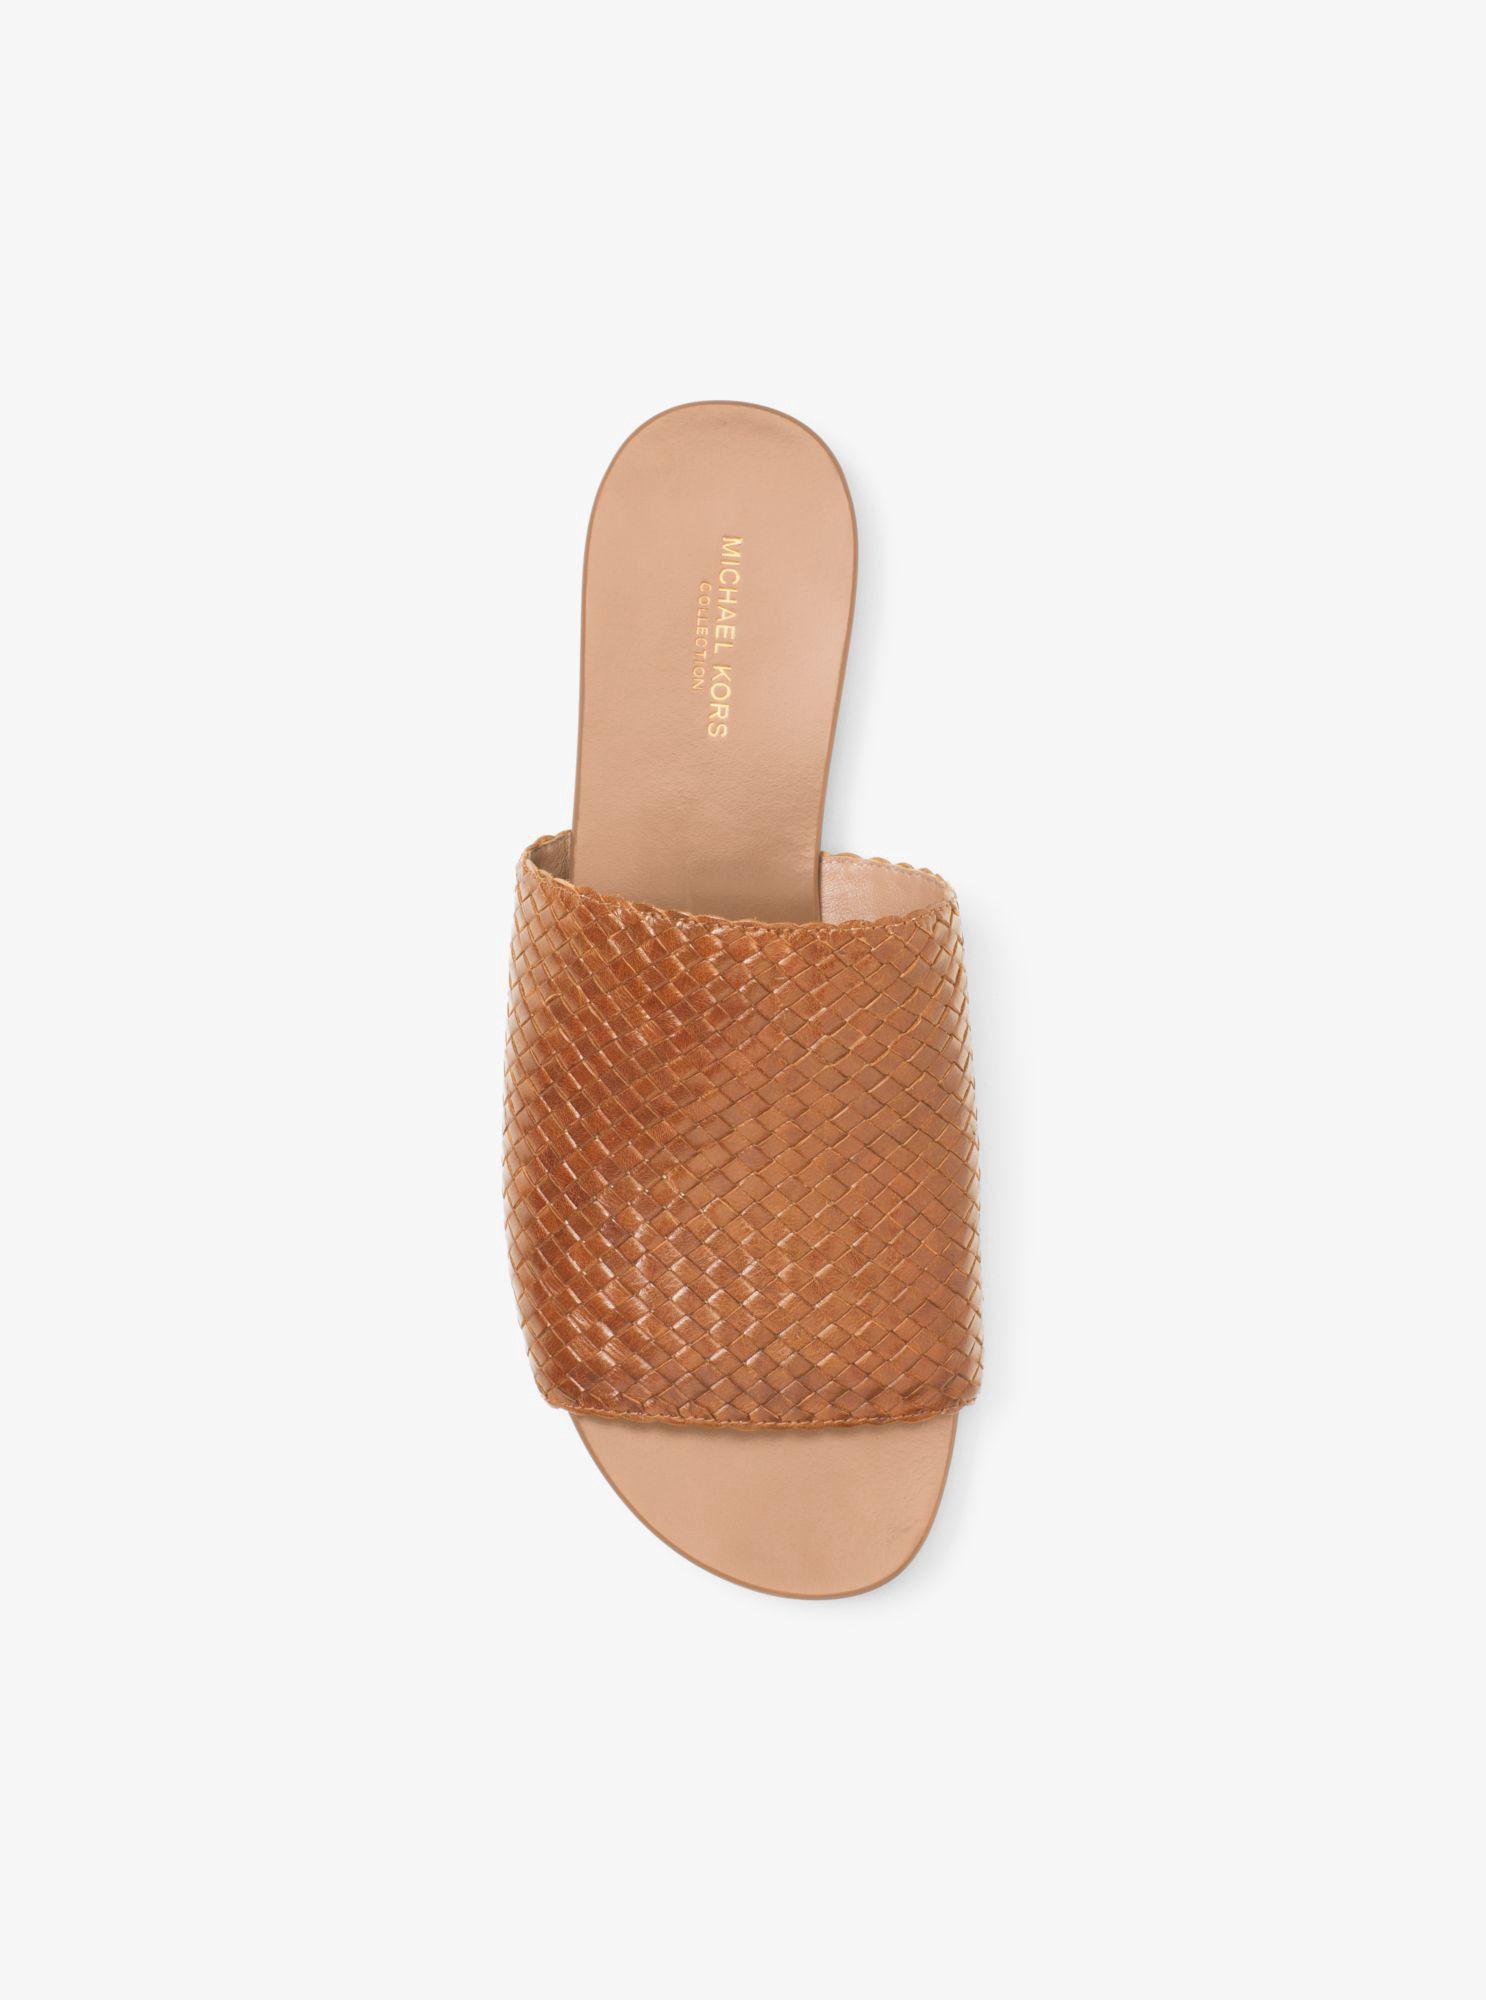 MICHAEL KORS Byrne Woven-Leather Slide. #michaelkors #shoes #all